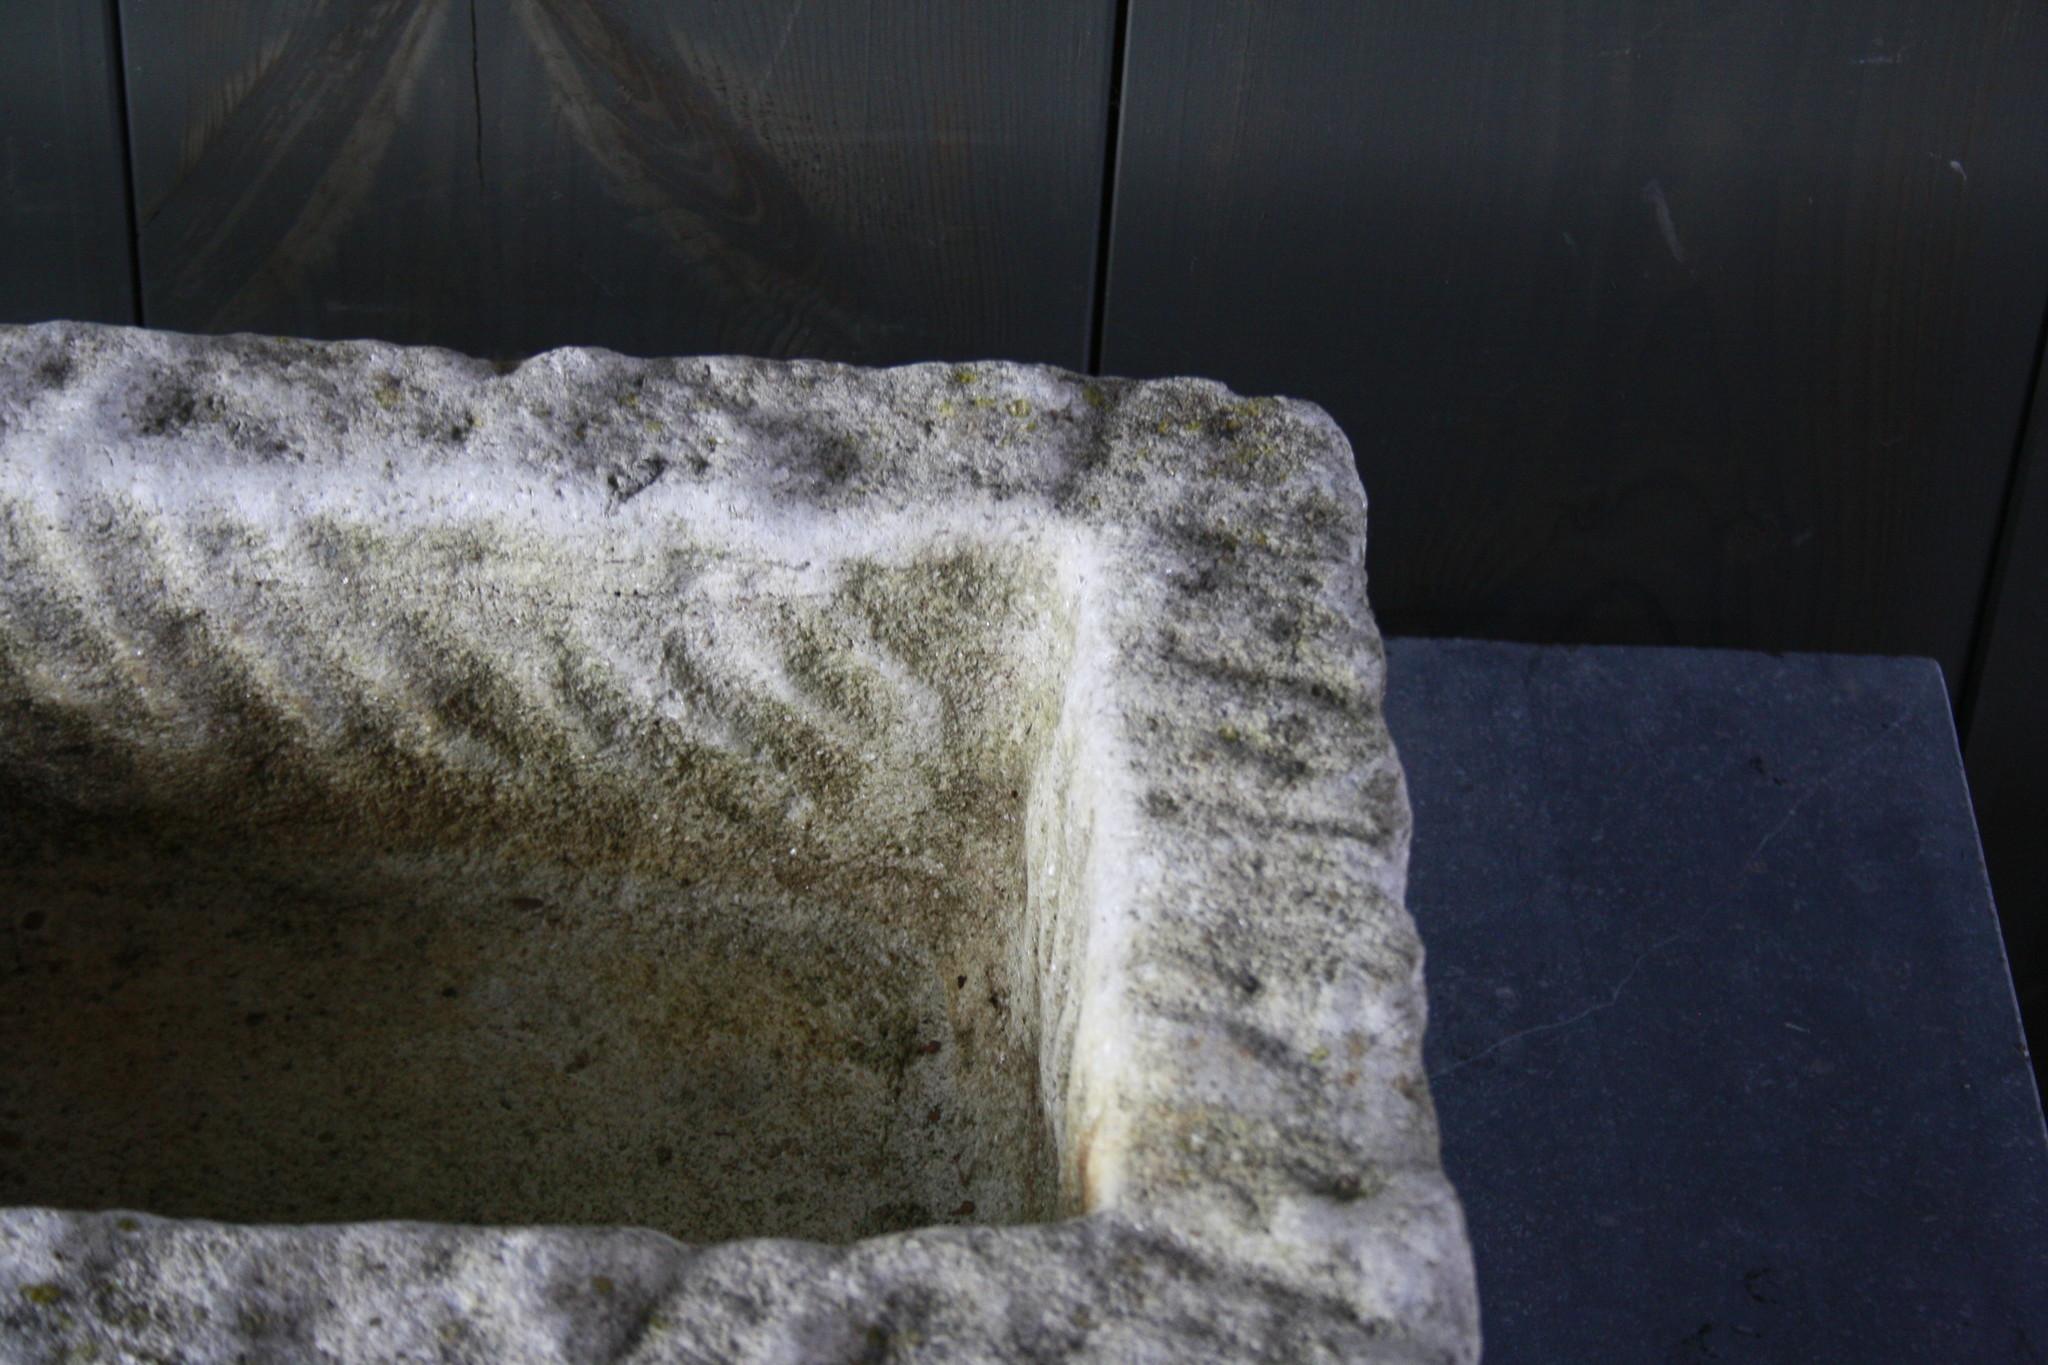 Nature oud wit stenen wasbak 60 cm x 30 cm-5